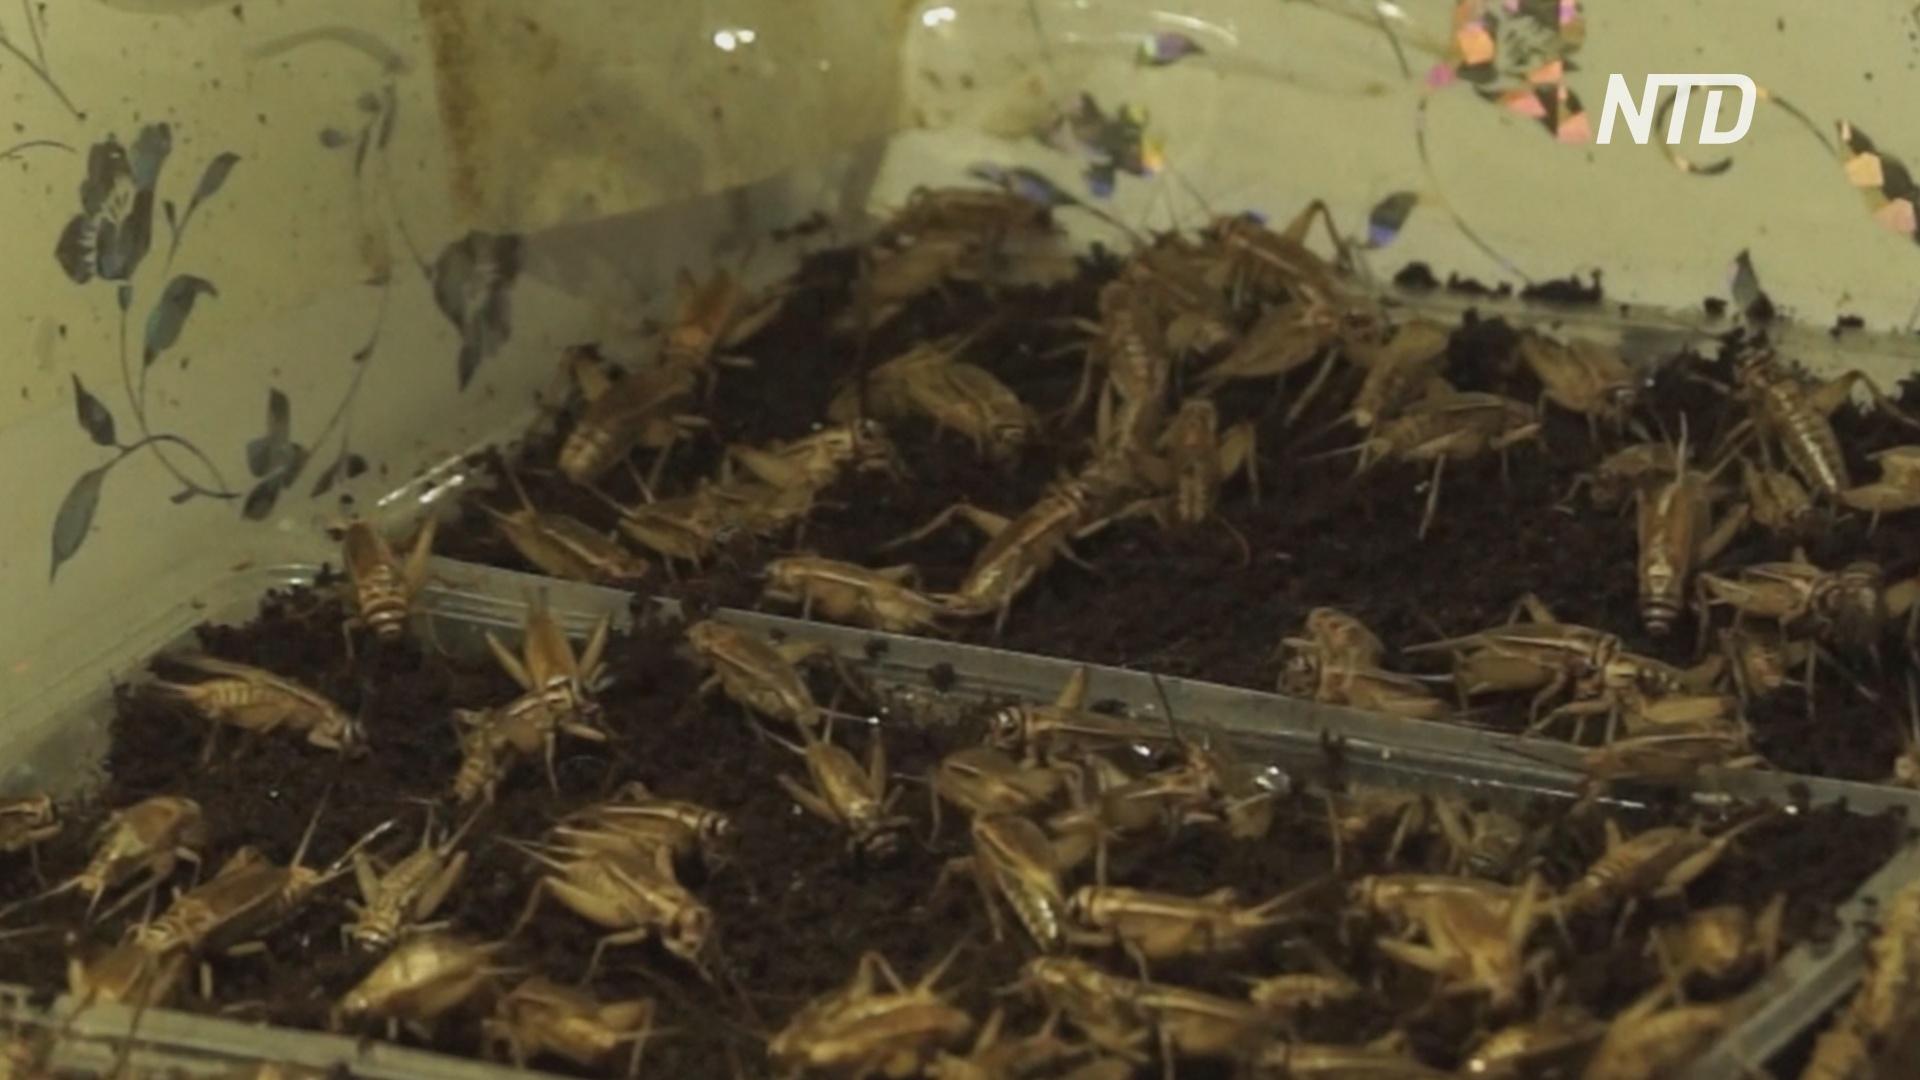 Сверчки во фритюре: кыргызский бизнесмен разводит насекомых на продажу